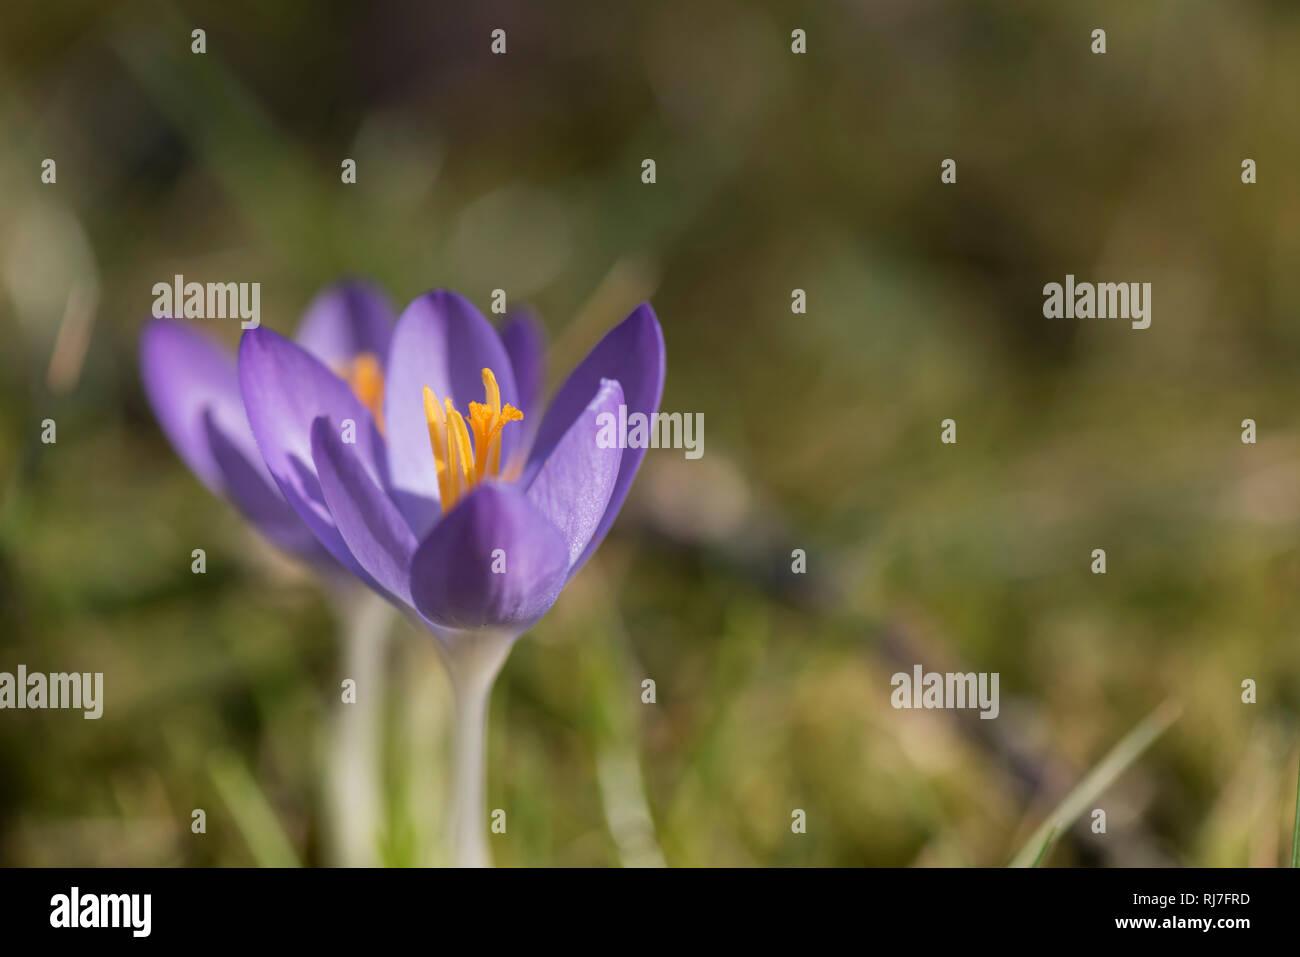 Etwas Neues genug Frühblüher in der Natur, lila Krokusse mit geöffneten Blüten Stock @CH_27